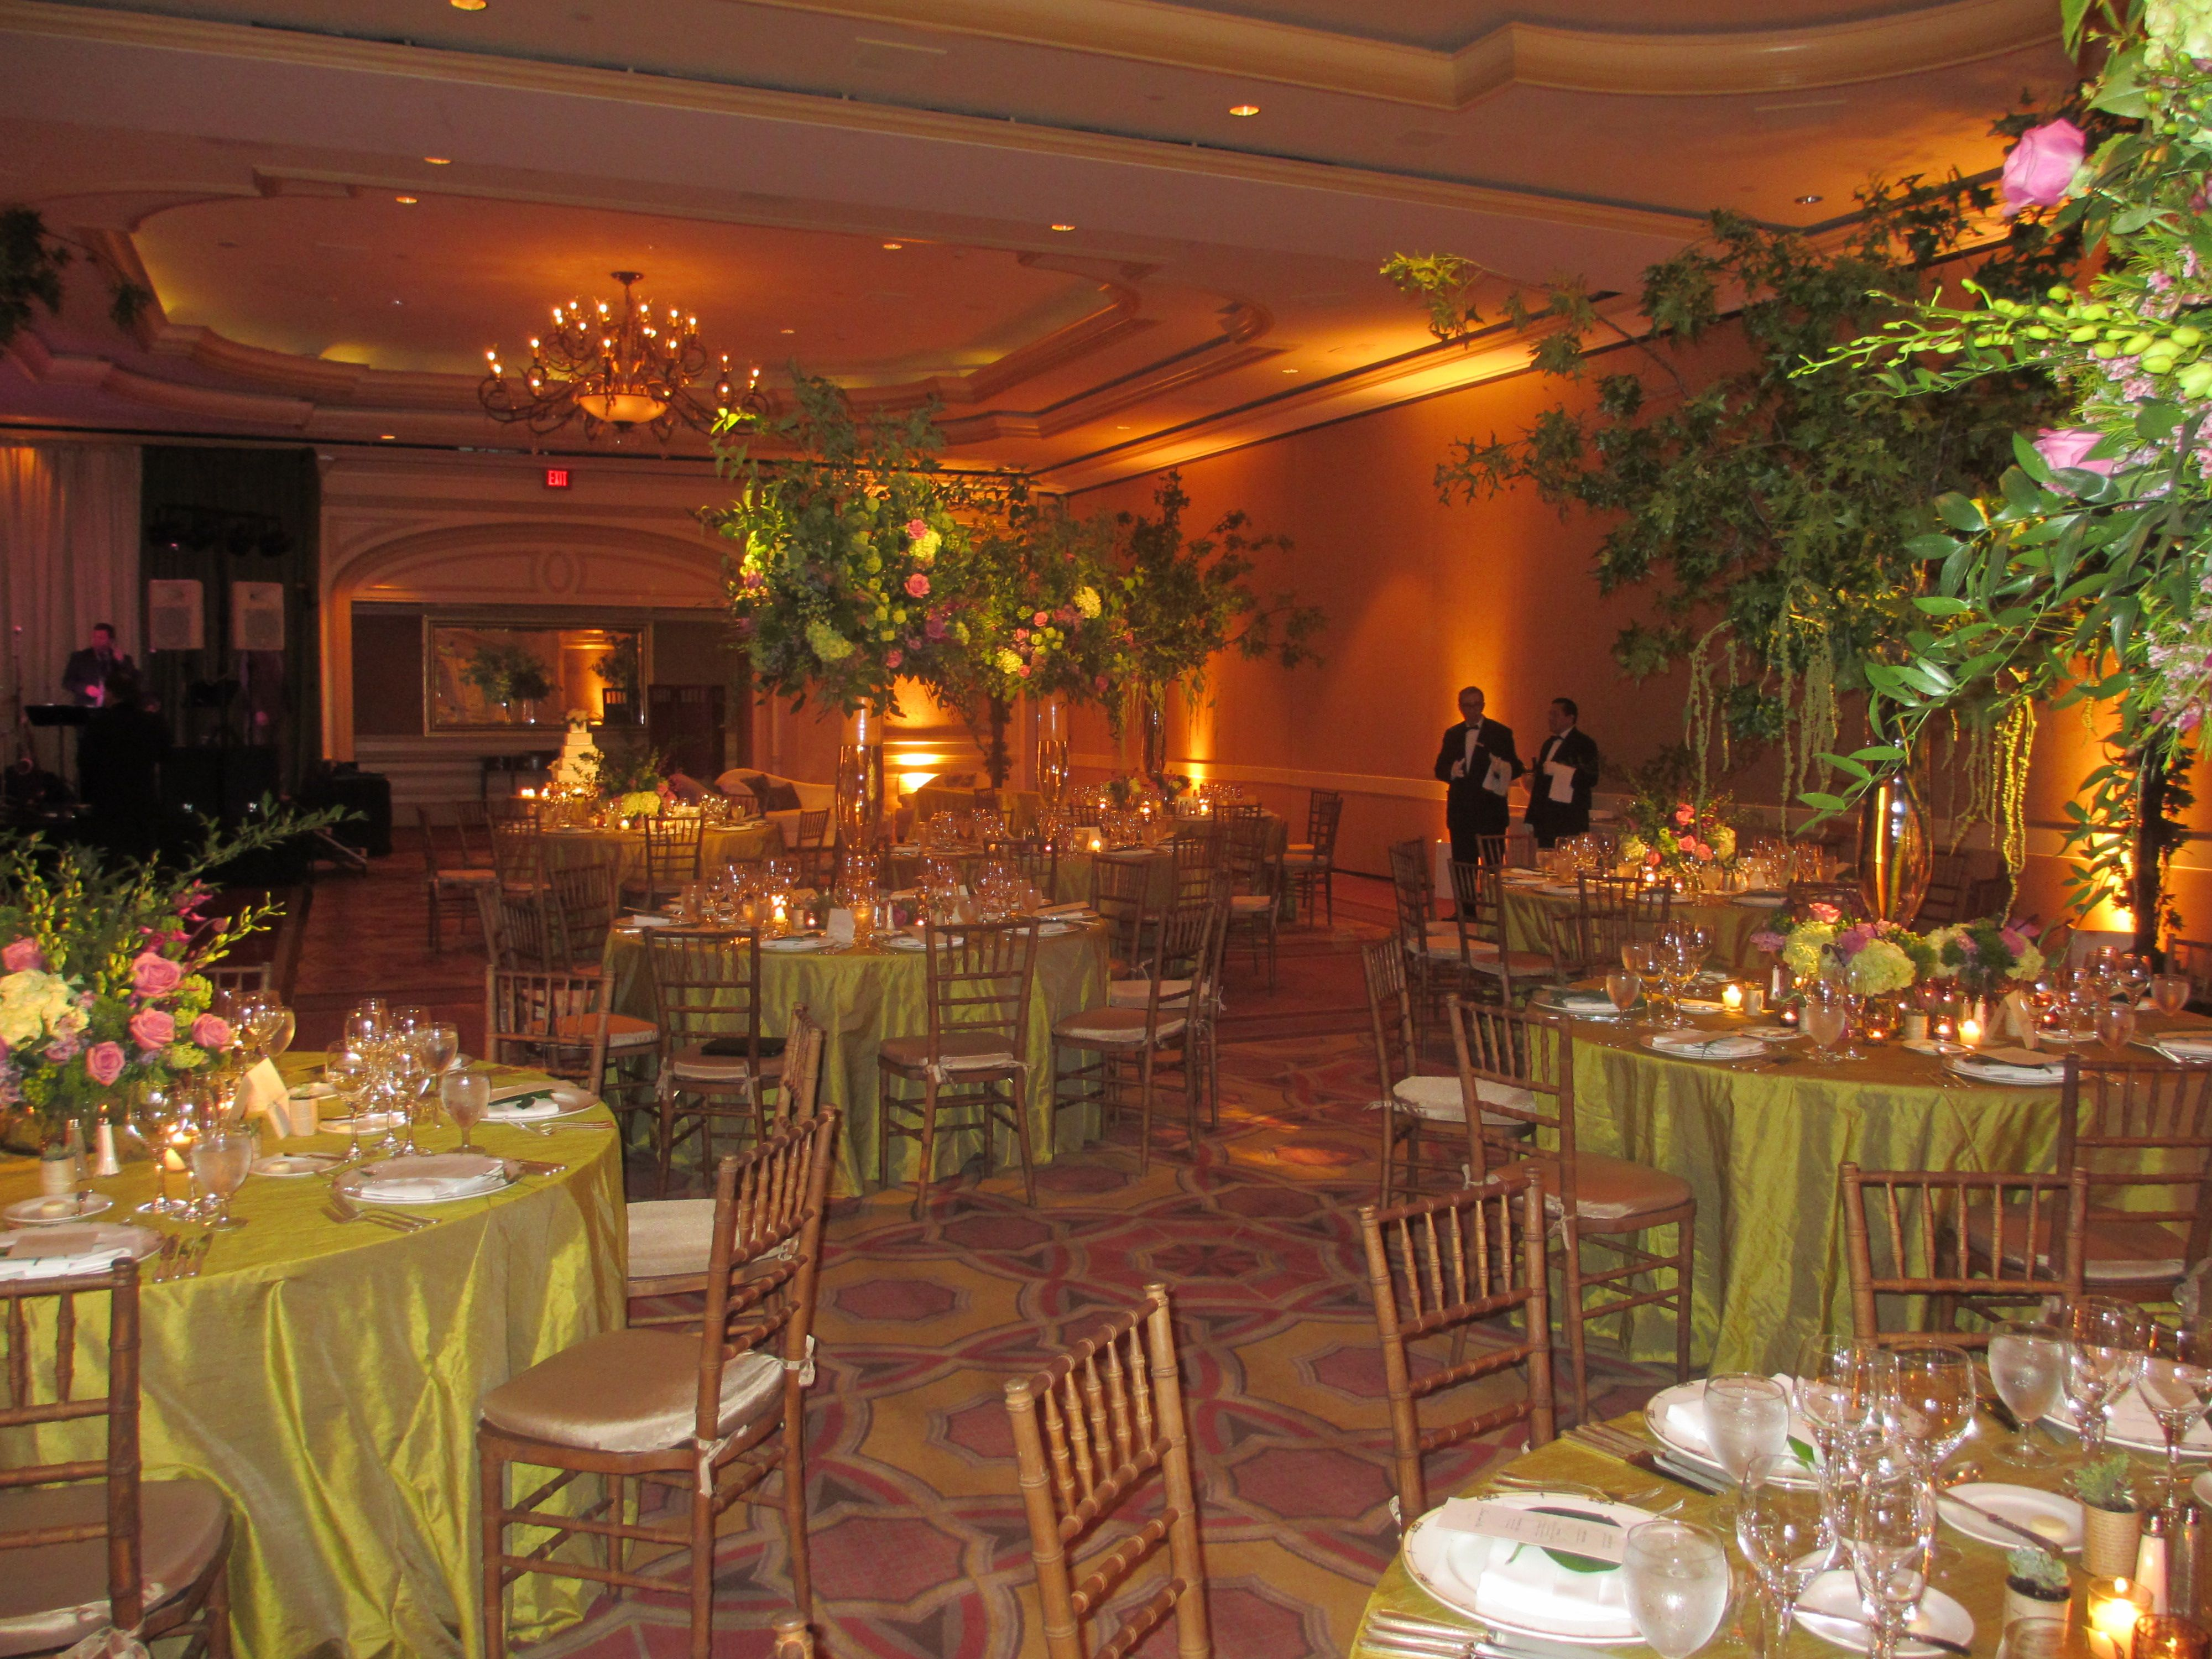 Enchanted Garden: Enchanted Garden Themed Wedding